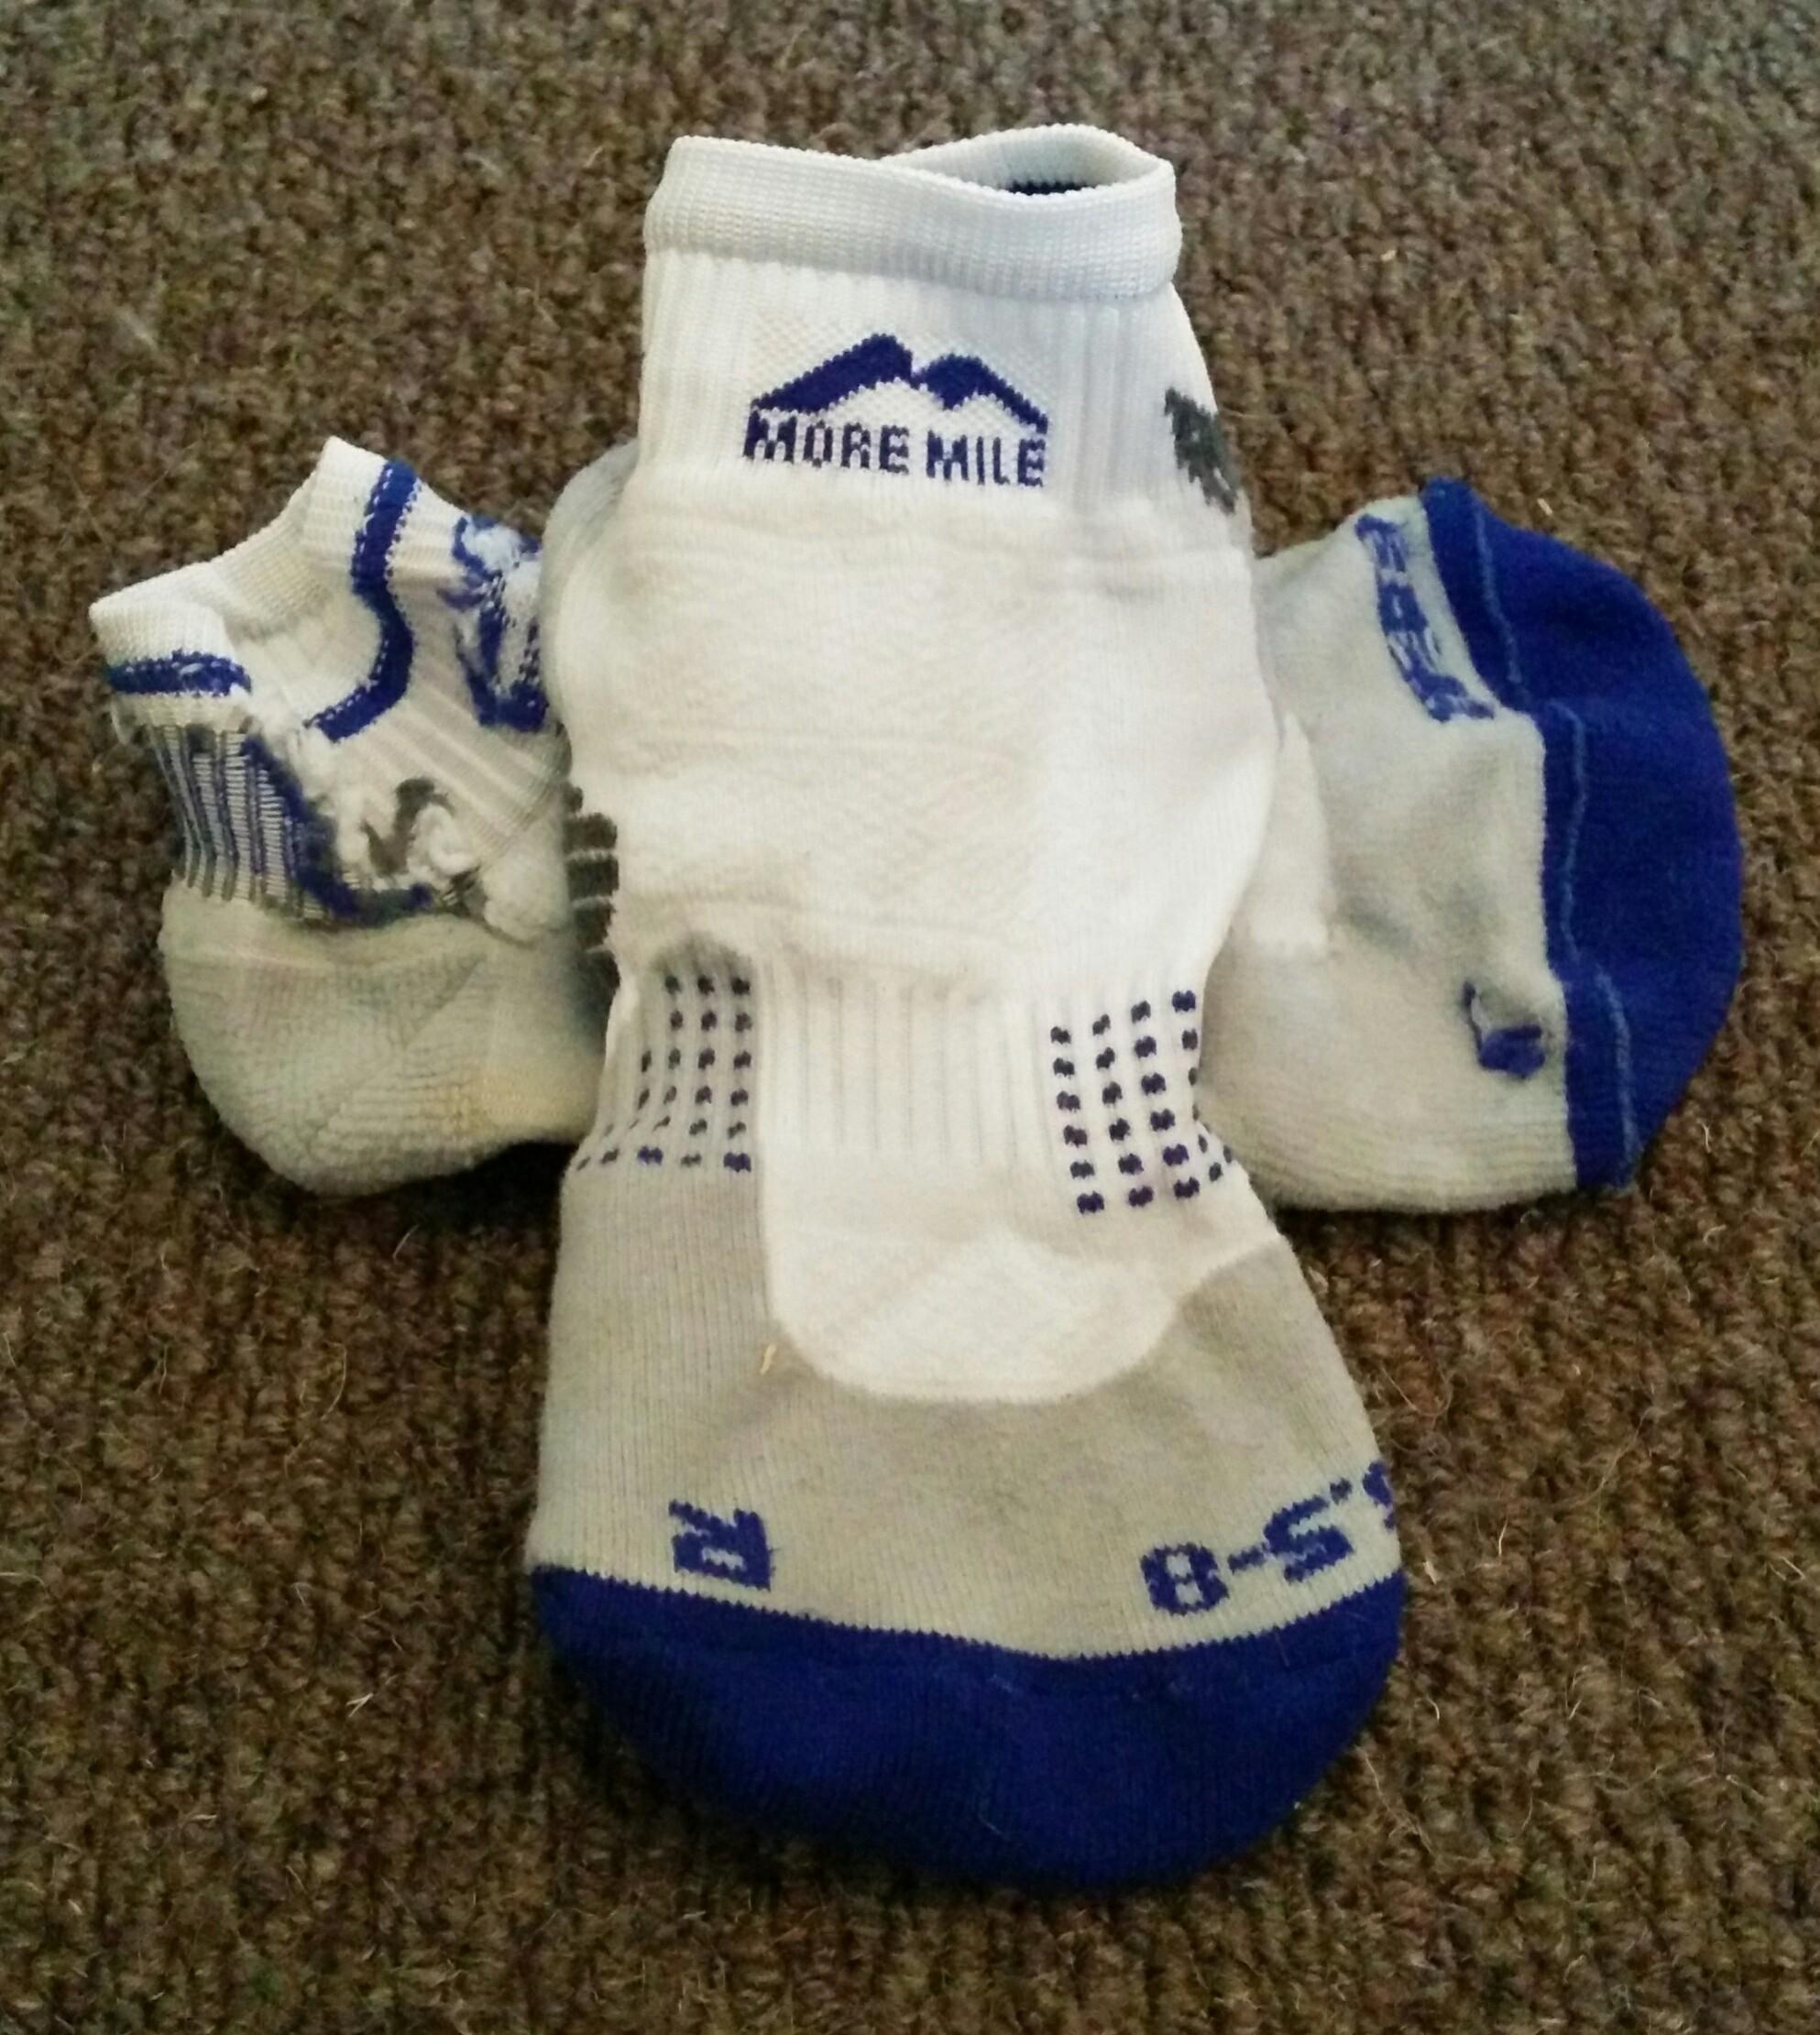 More Mile San Diego Socks Hels205 Gear